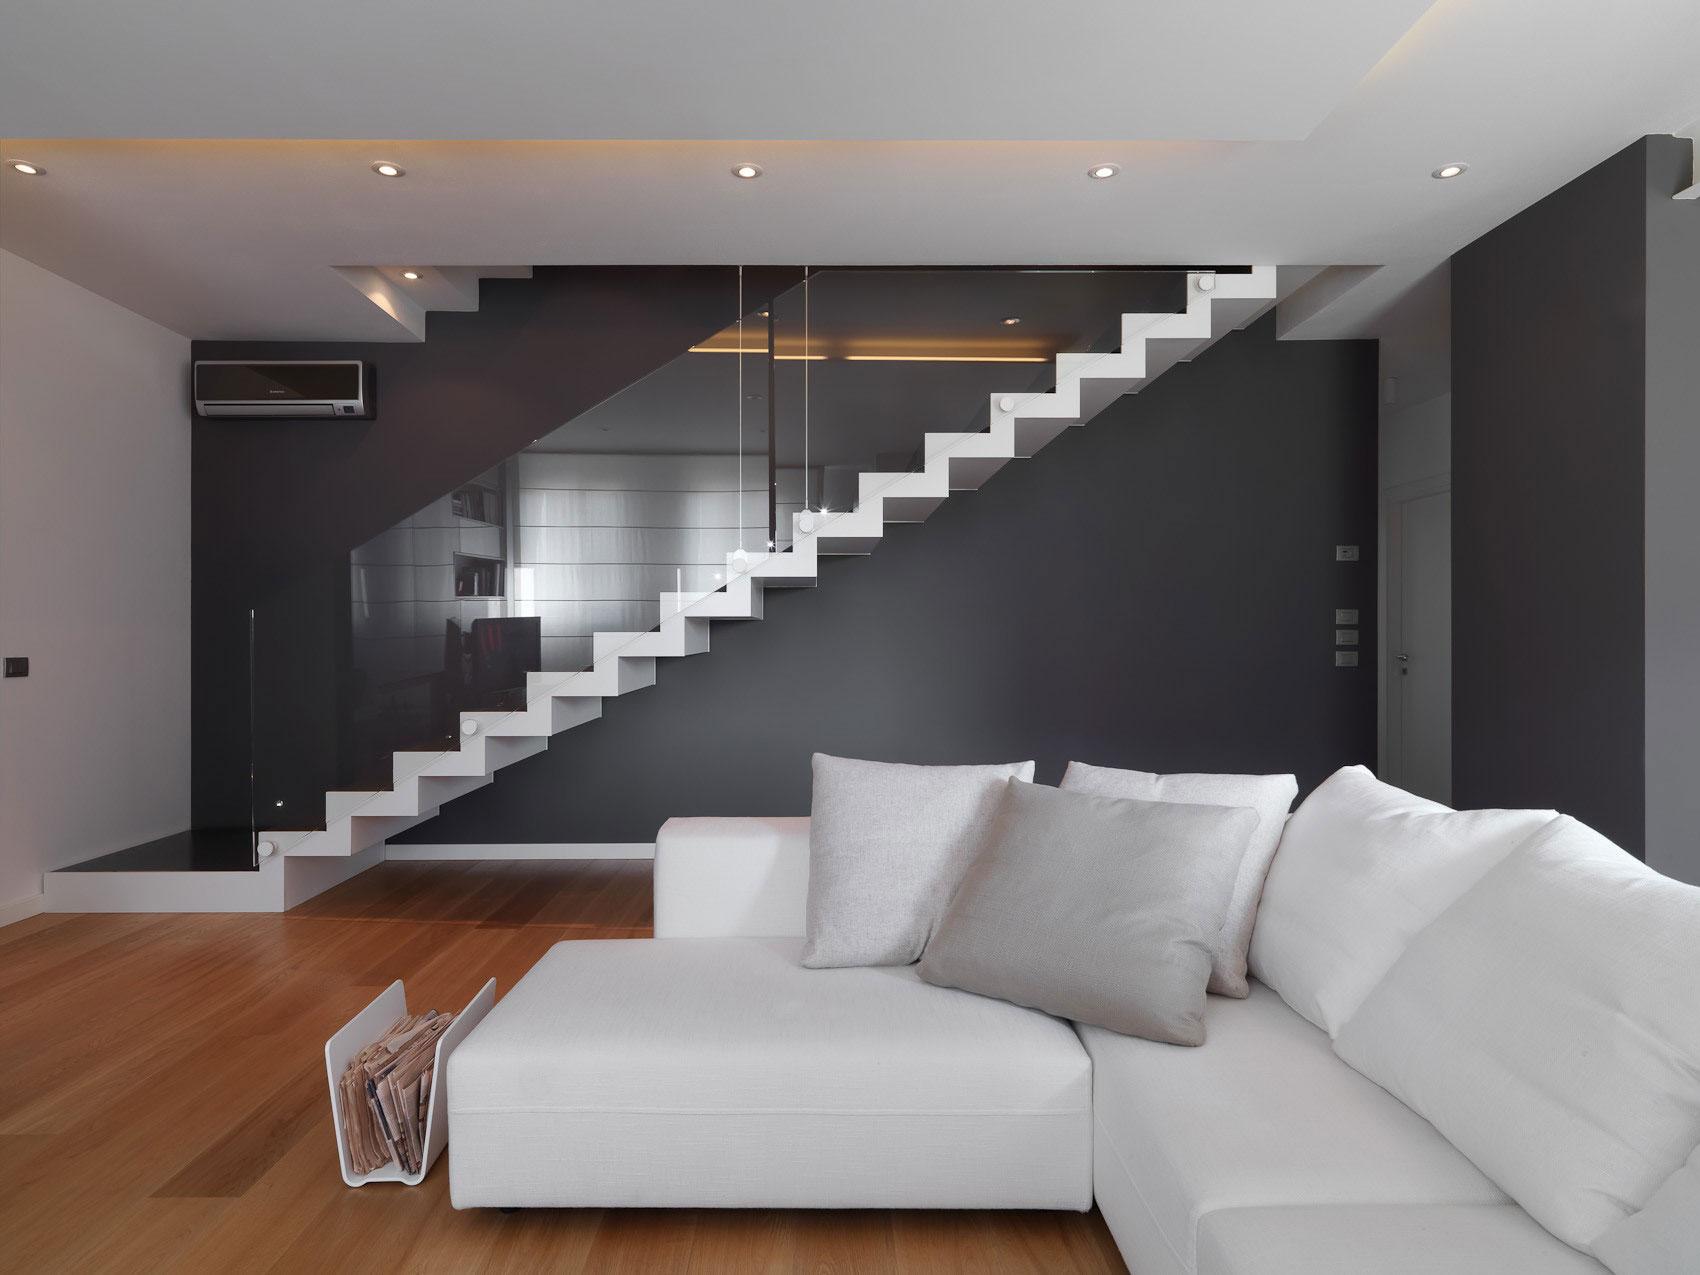 Строгие линии и простые цвета в интерьере в стиле минимализм